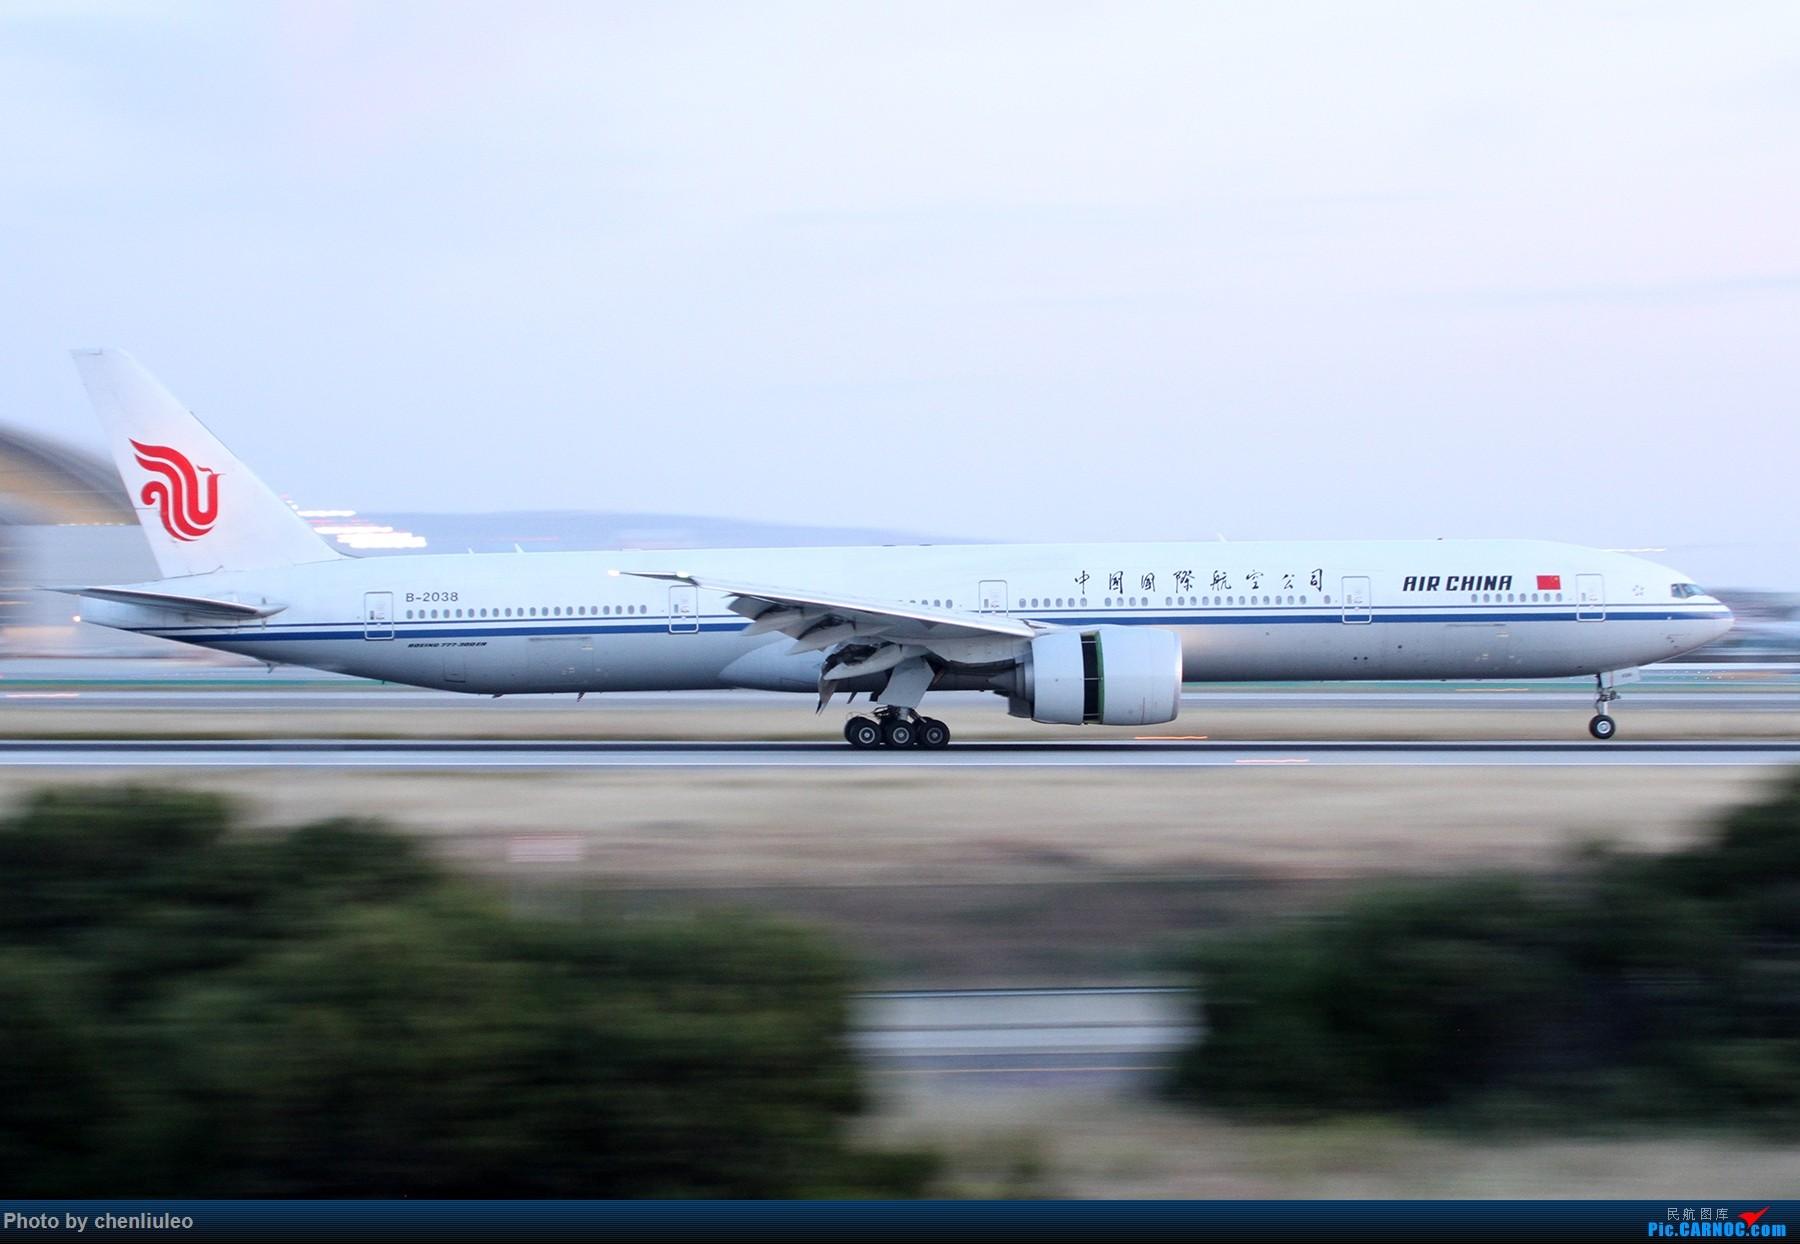 Re:[原创]【北美飞友会】洛杉矶世界机场黄昏随拍 BOEING 777-300ER B-2038 美国洛杉矶机场